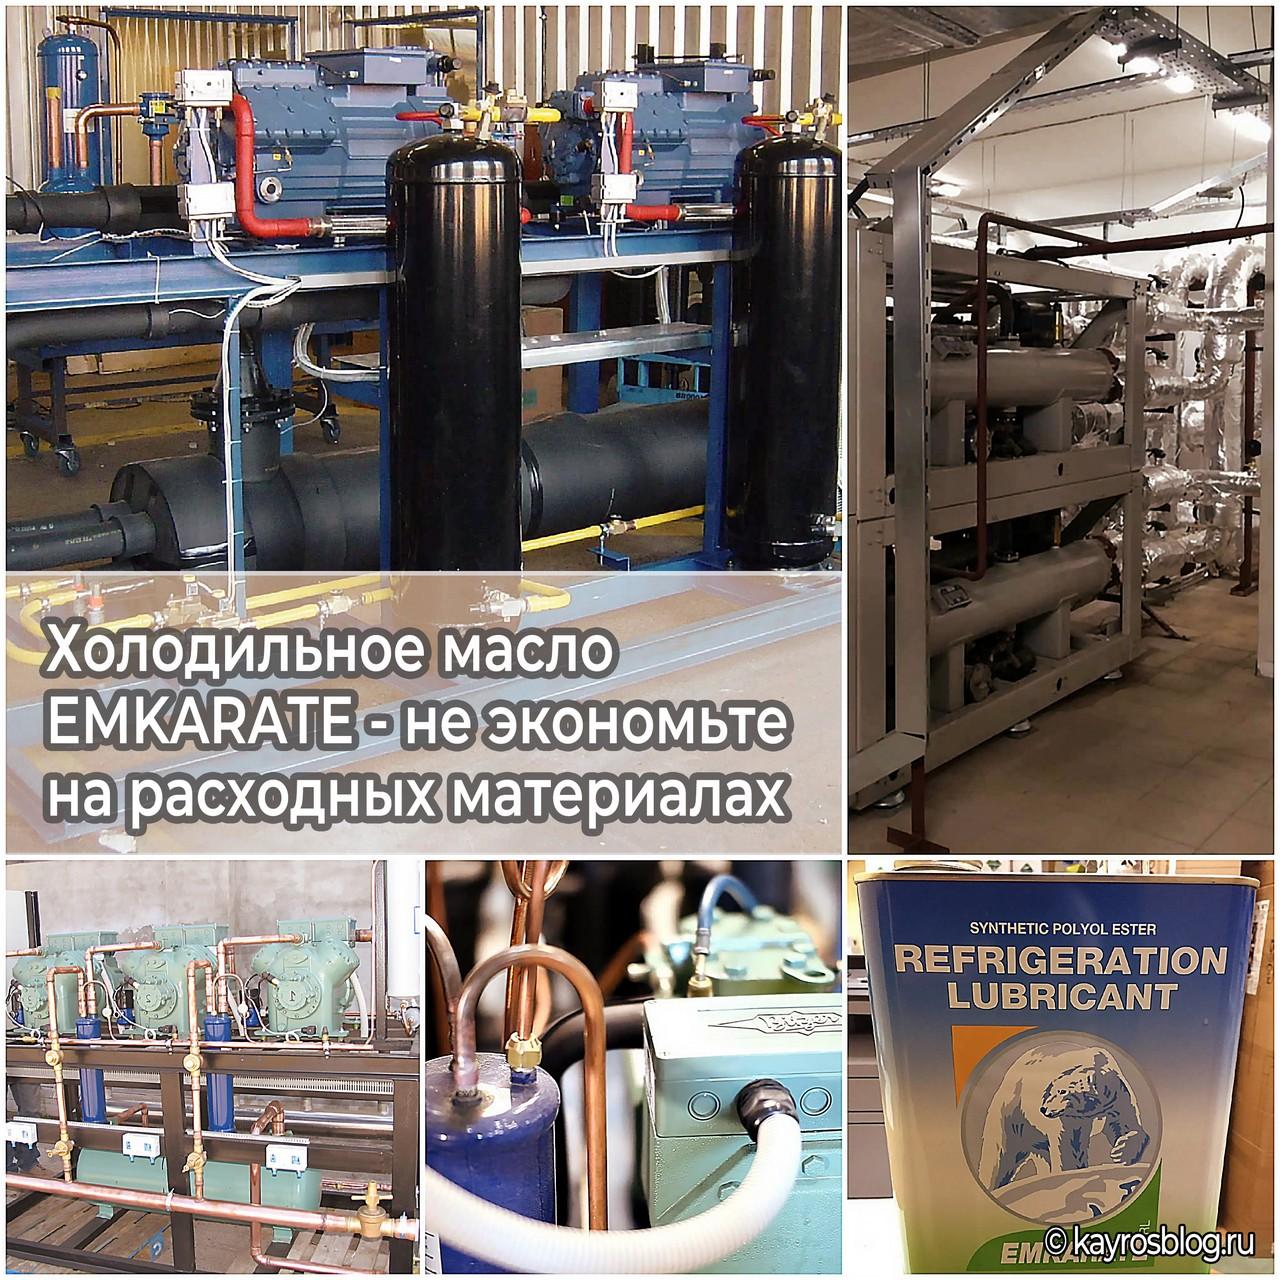 Холодильное масло EMKARATE - не экономьте на расходных материалах